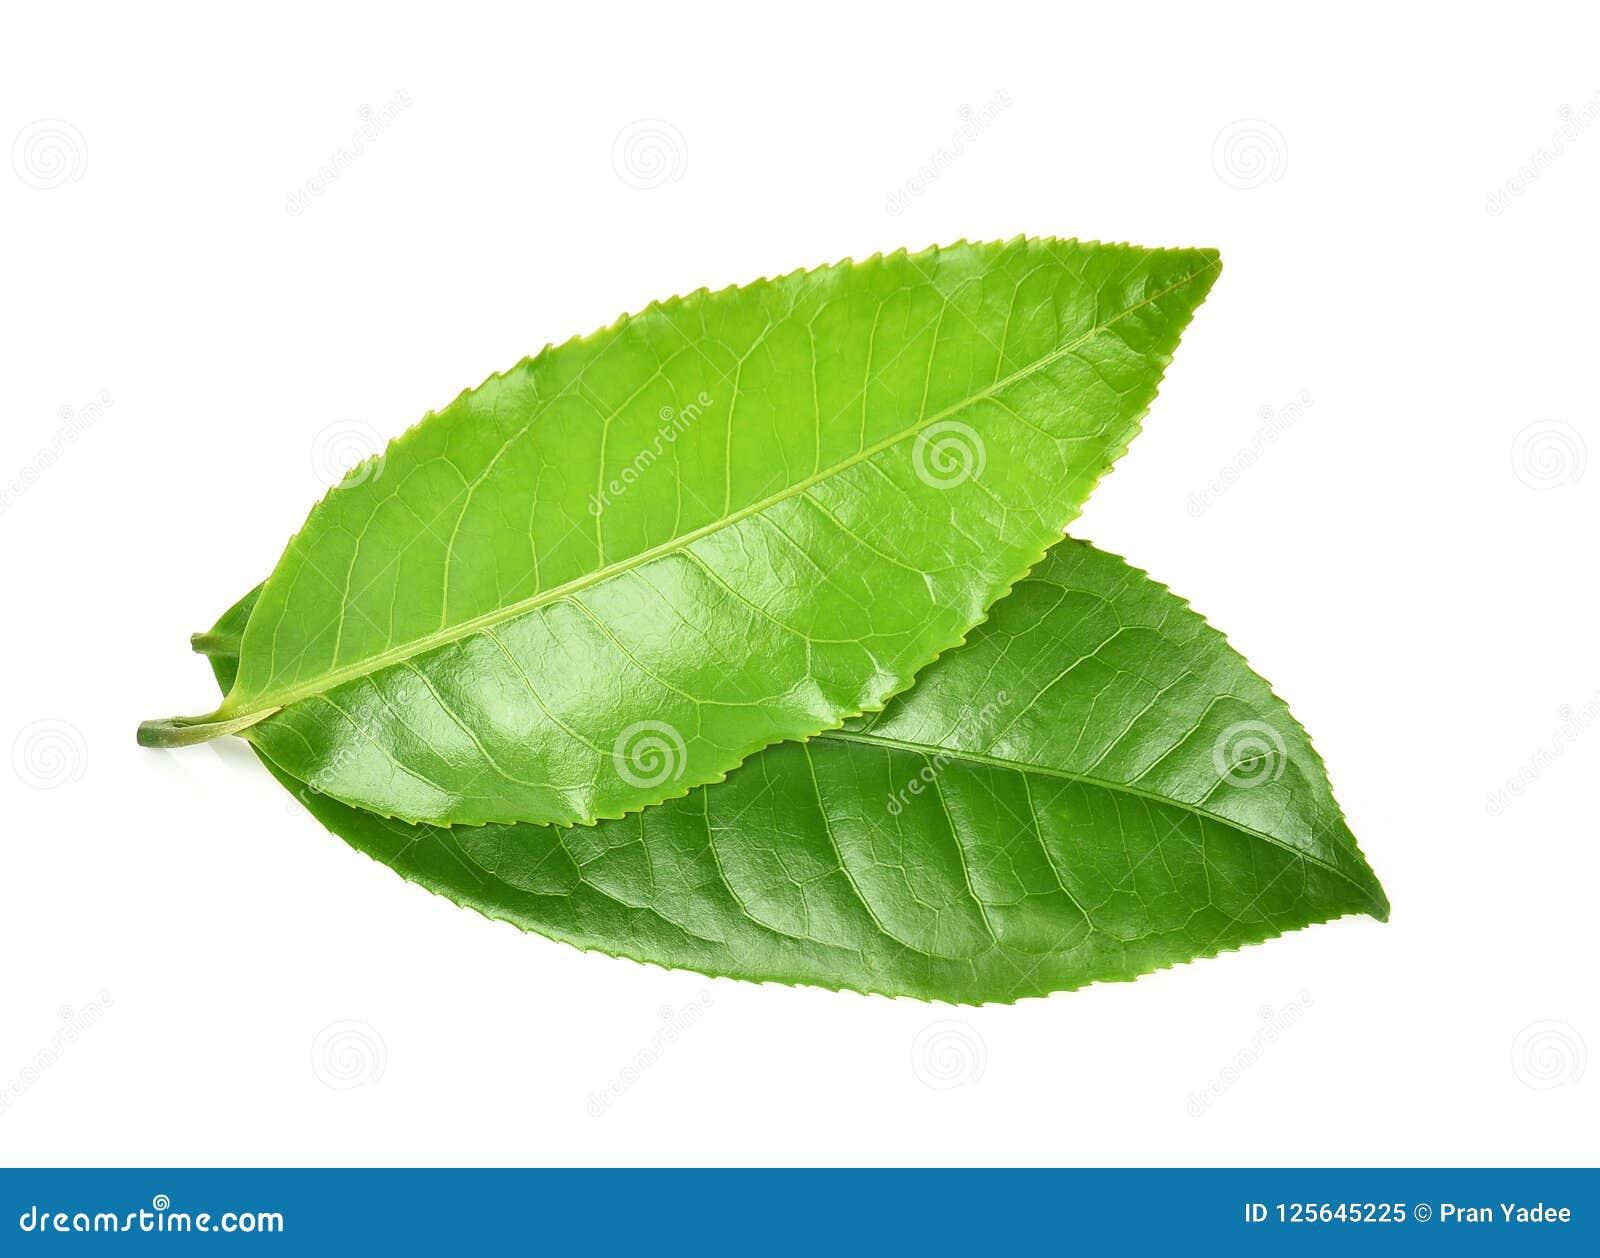 Hoja de té verde aislada en el fondo blanco